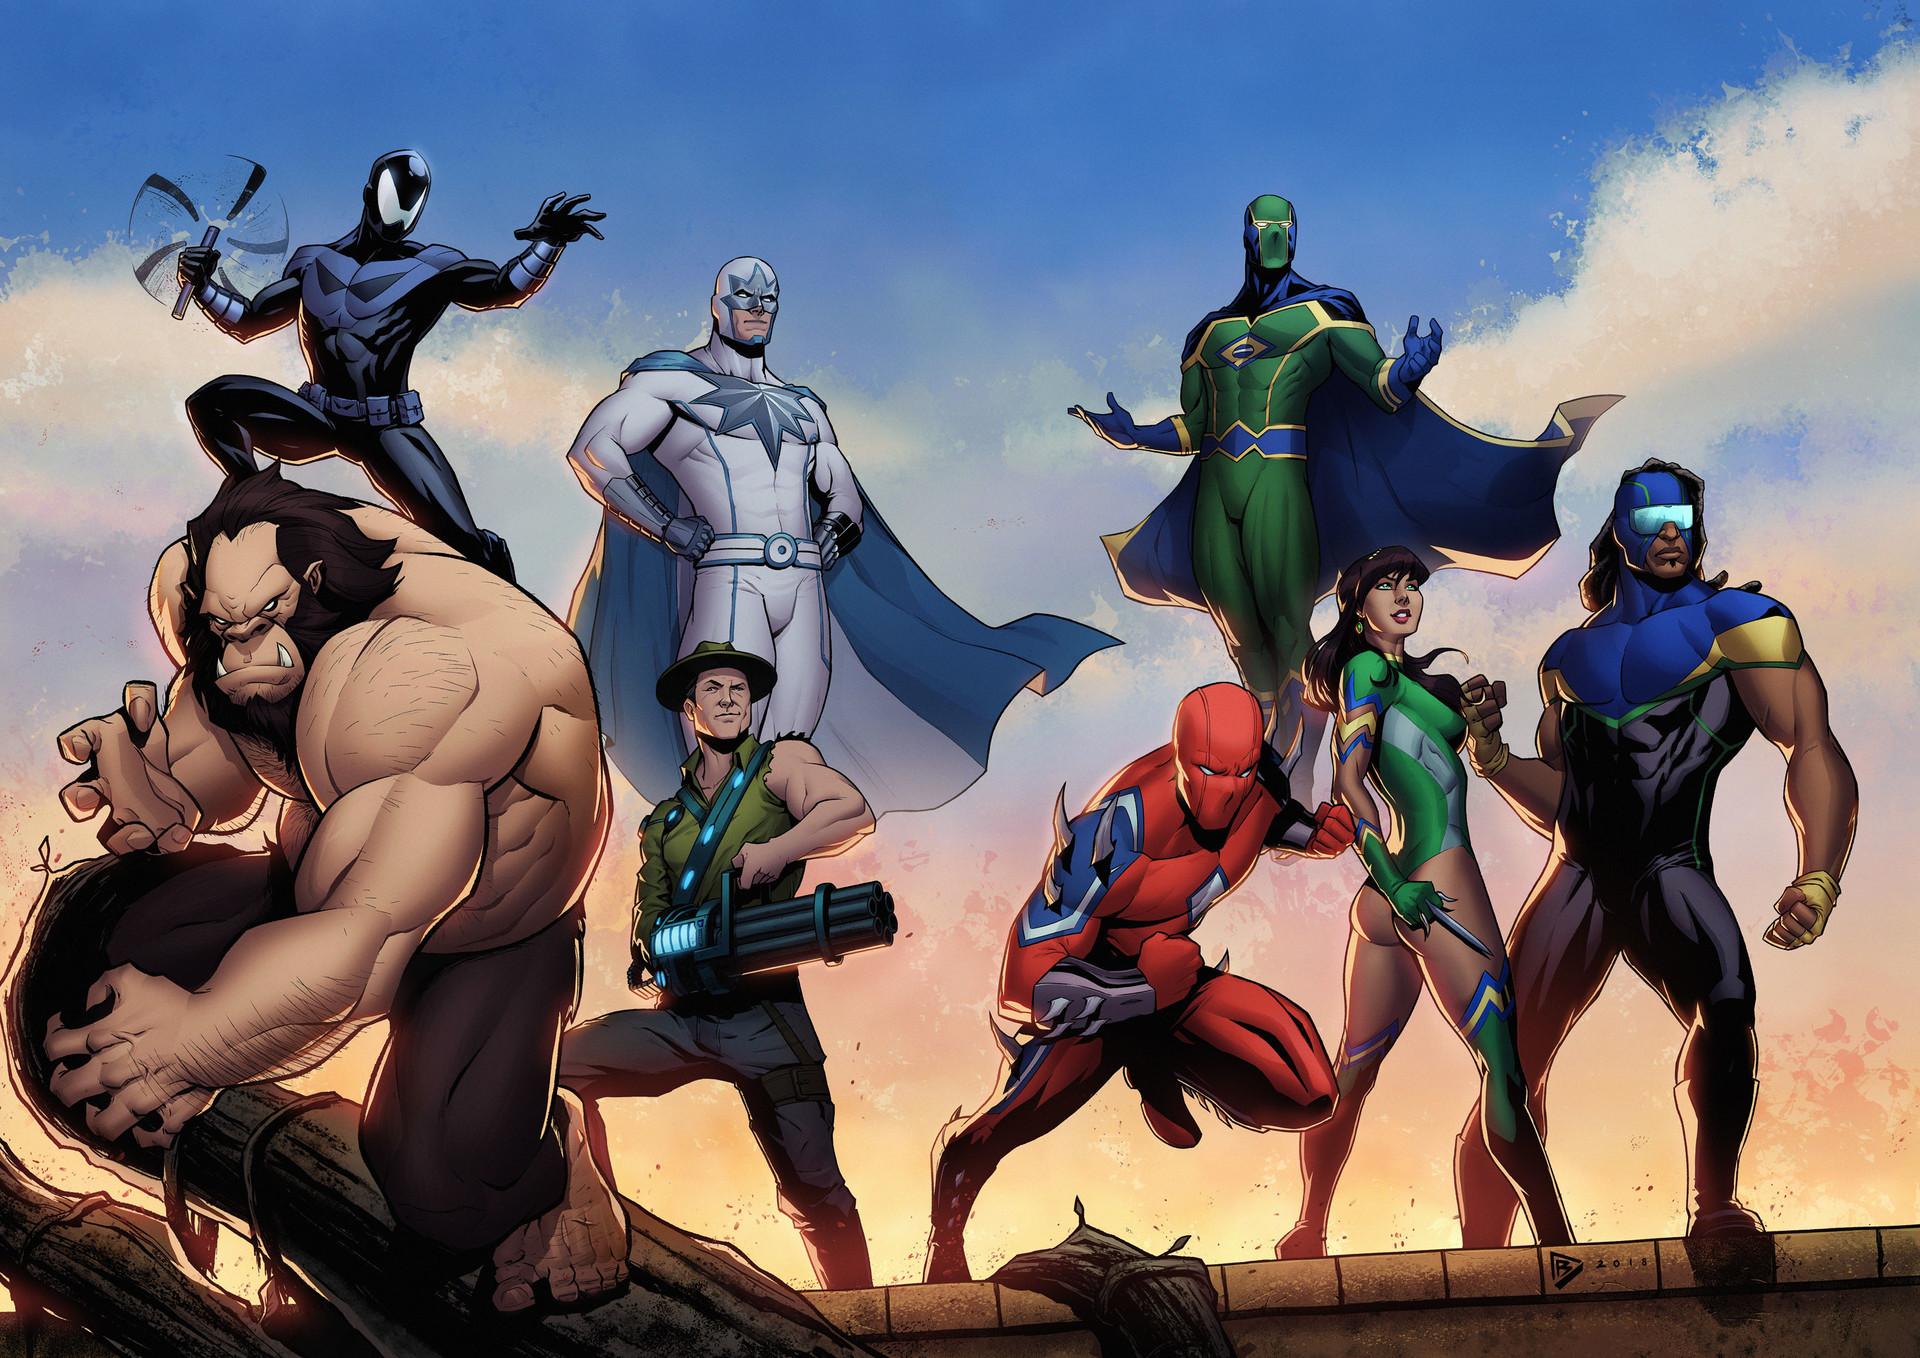 Картинки вымышленных супергероев